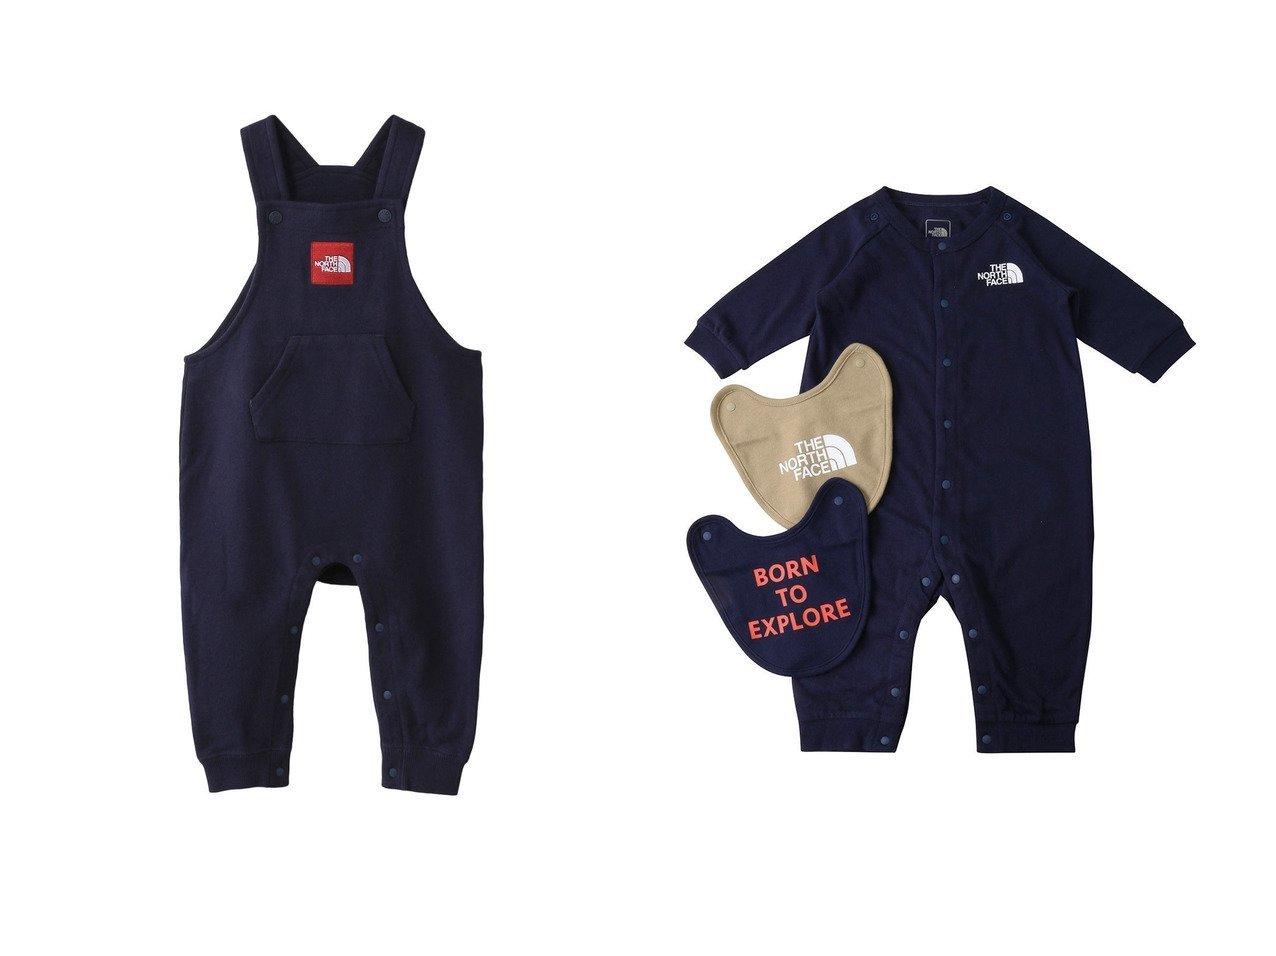 【THE NORTH FACE / KIDS/ザ ノース フェイス】の【Baby】ベビースウェットロゴオーバーオール&【Baby】ベビーロングスリーブロンパースアンド2Pビブ 【BABY】ベビー服のおすすめ!人気、キッズファッションの通販 おすすめで人気の流行・トレンド、ファッションの通販商品 インテリア・家具・メンズファッション・キッズファッション・レディースファッション・服の通販 founy(ファニー) https://founy.com/ ファッション Fashion キッズファッション KIDS ボトムス Bottoms/Kids おすすめ Recommend ドット ベビー ボックス ロンパース 長袖 なめらか アウトドア スウェット フロント  ID:crp329100000070458